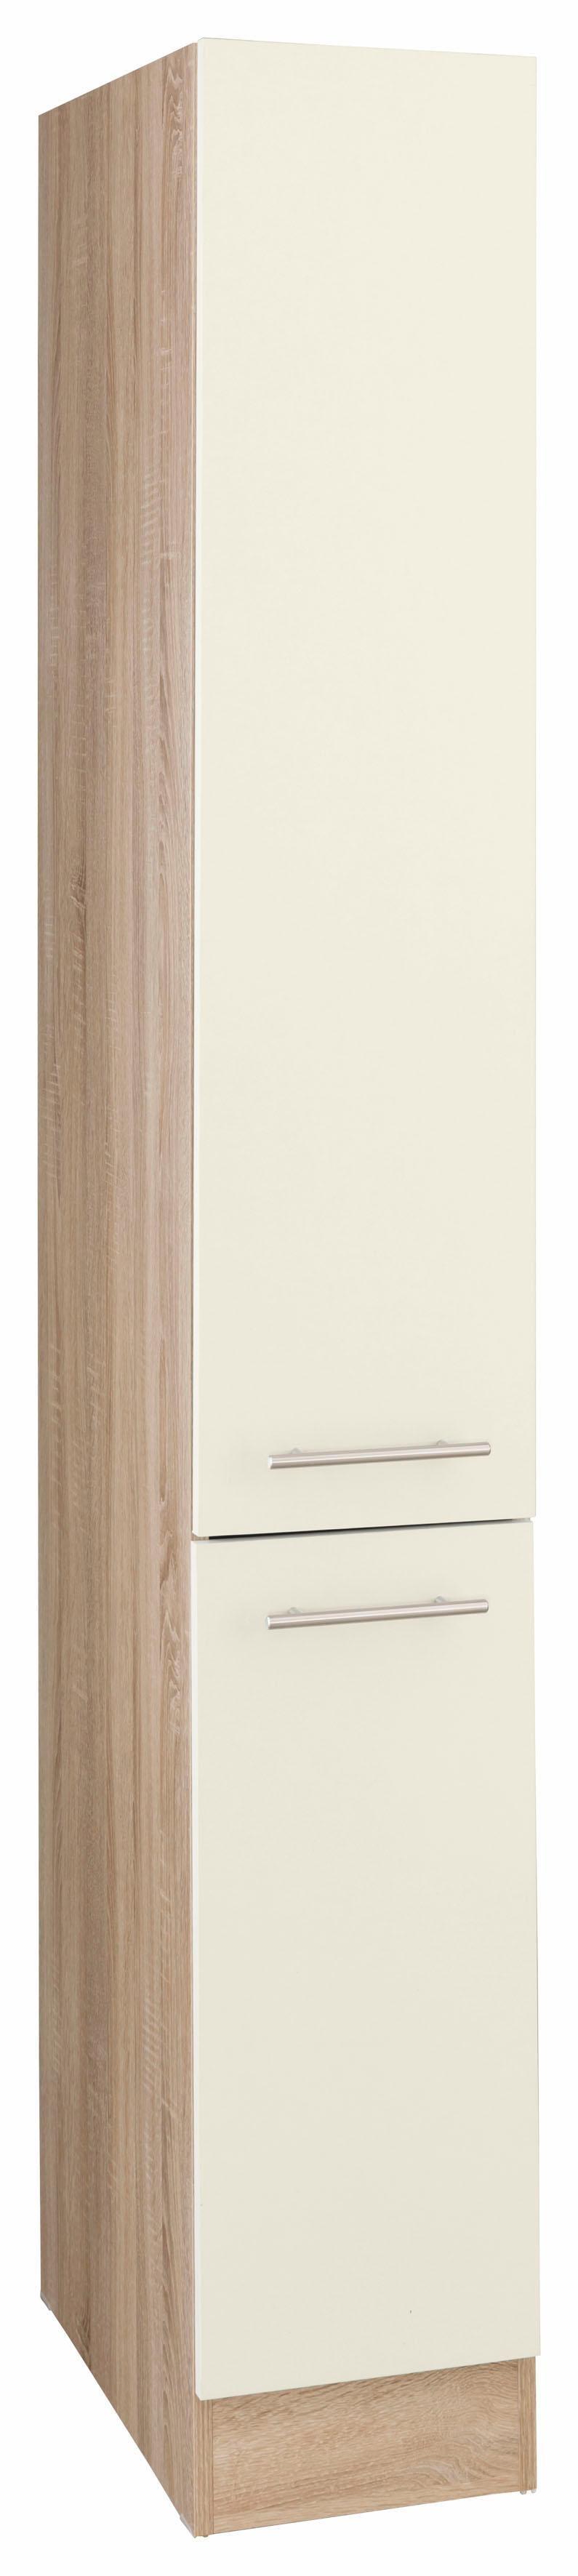 OPTIFIT Apothekerschrank »Kalmar« | Küche und Esszimmer > Küchenschränke > Apothekerschränke | Natur | Nachbildung - Edelstahl - Eiche - Melamin | OPTIFIT